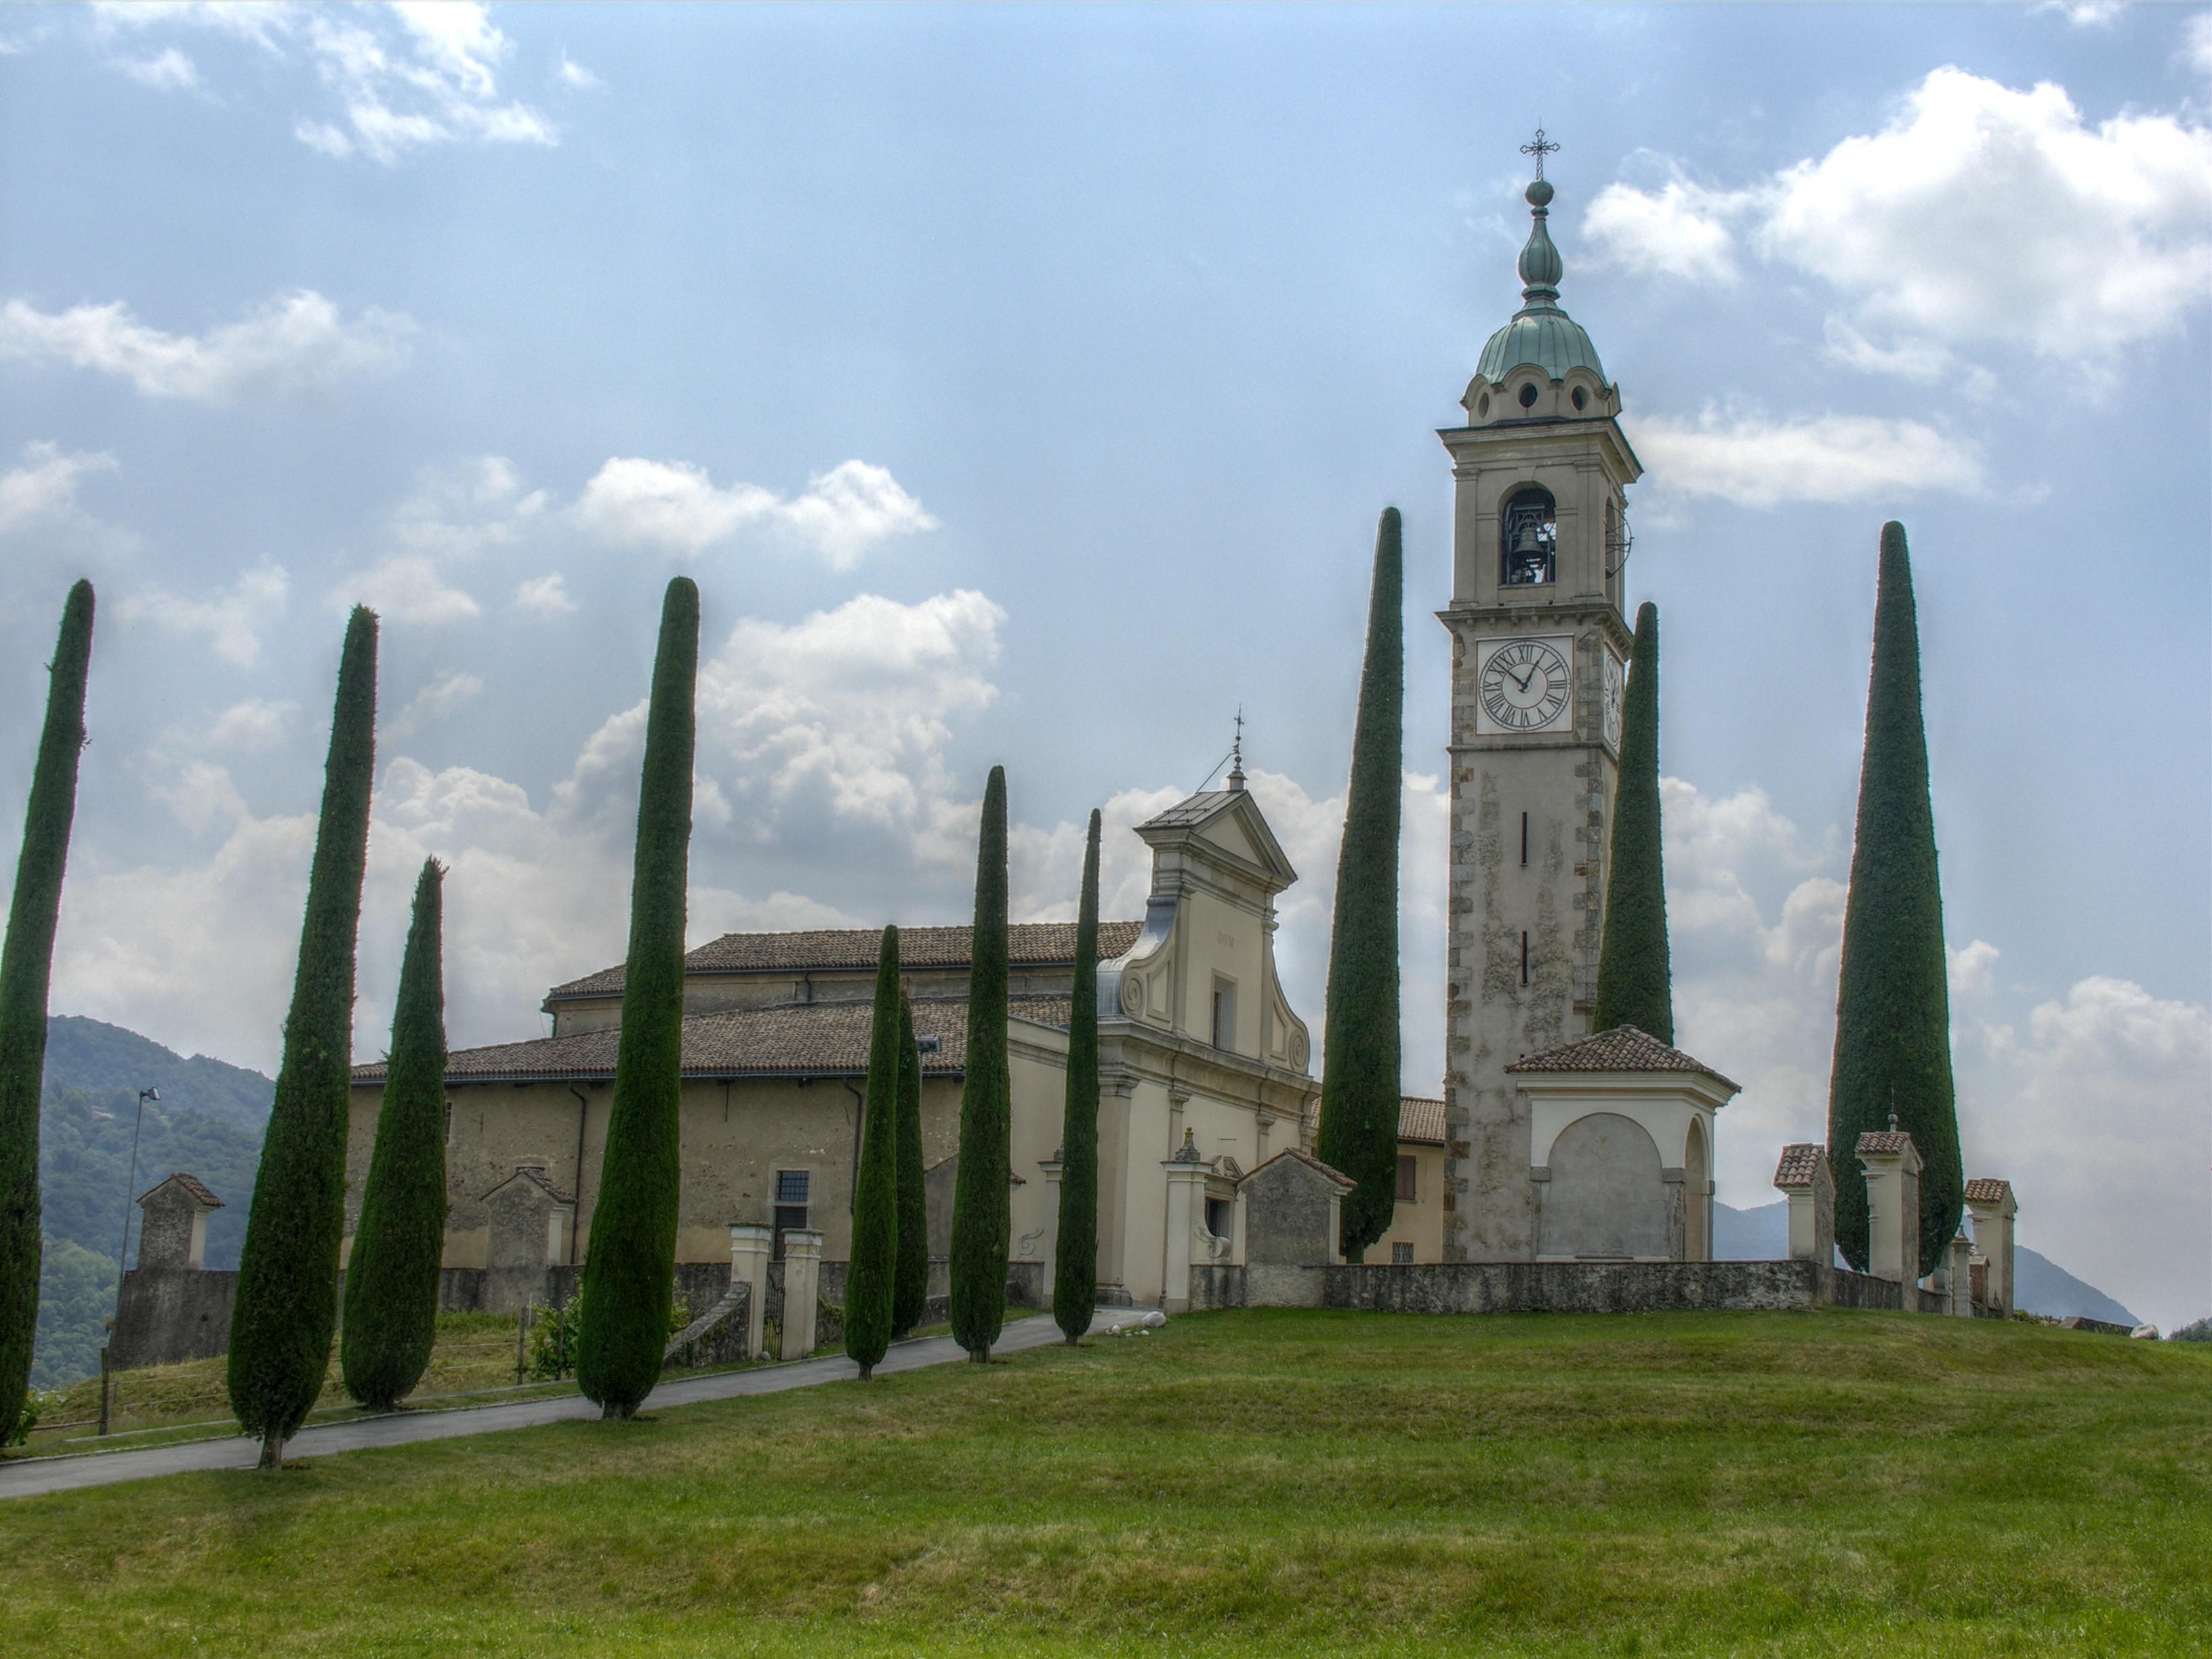 Chiesa di Sant'Abbondio, Collona D'oro